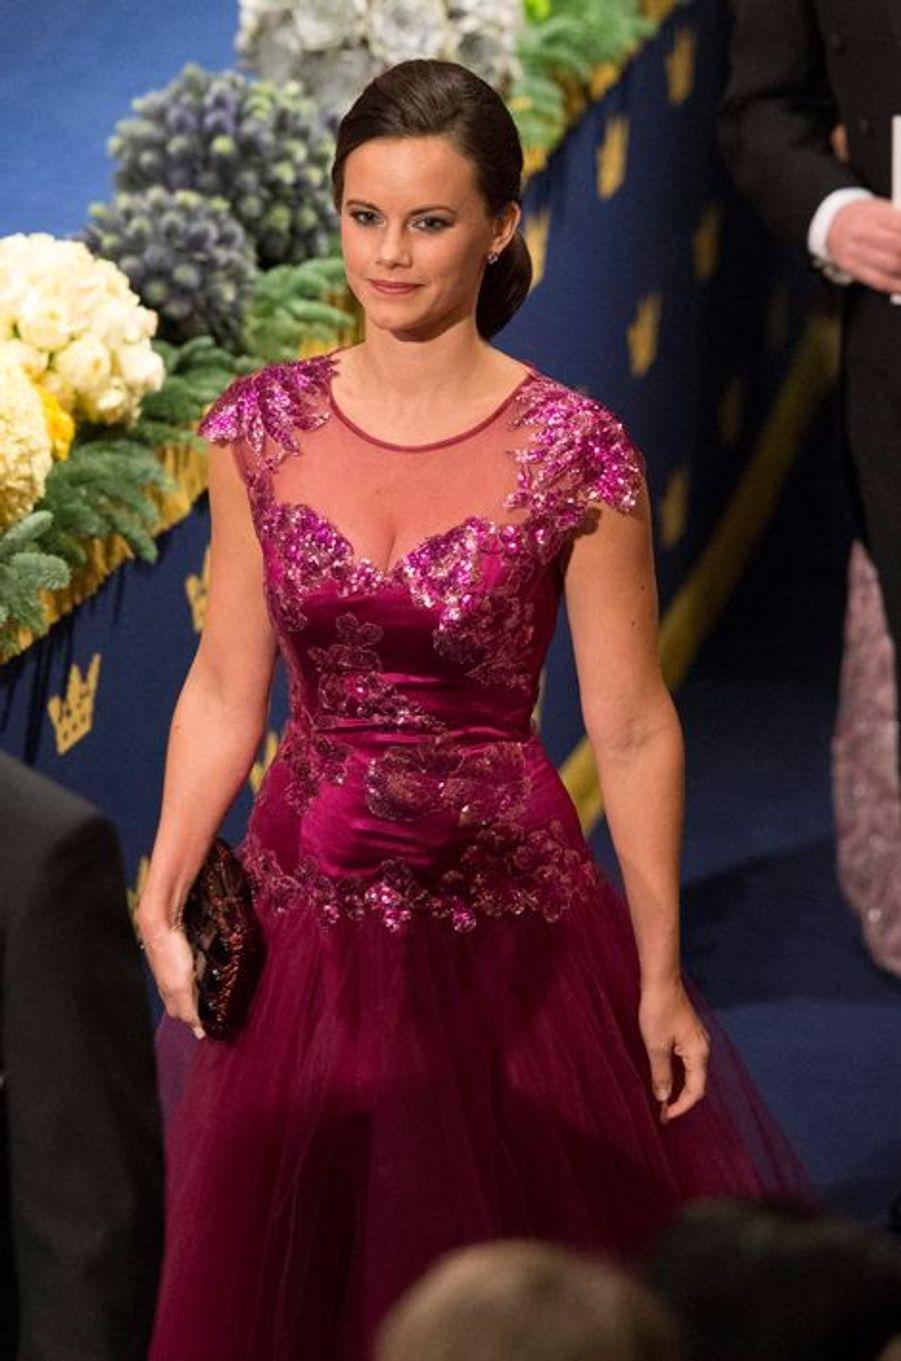 Sofia Hellqvist au banquet des prix Nobel à Stockholm, le 10 décembre 2014